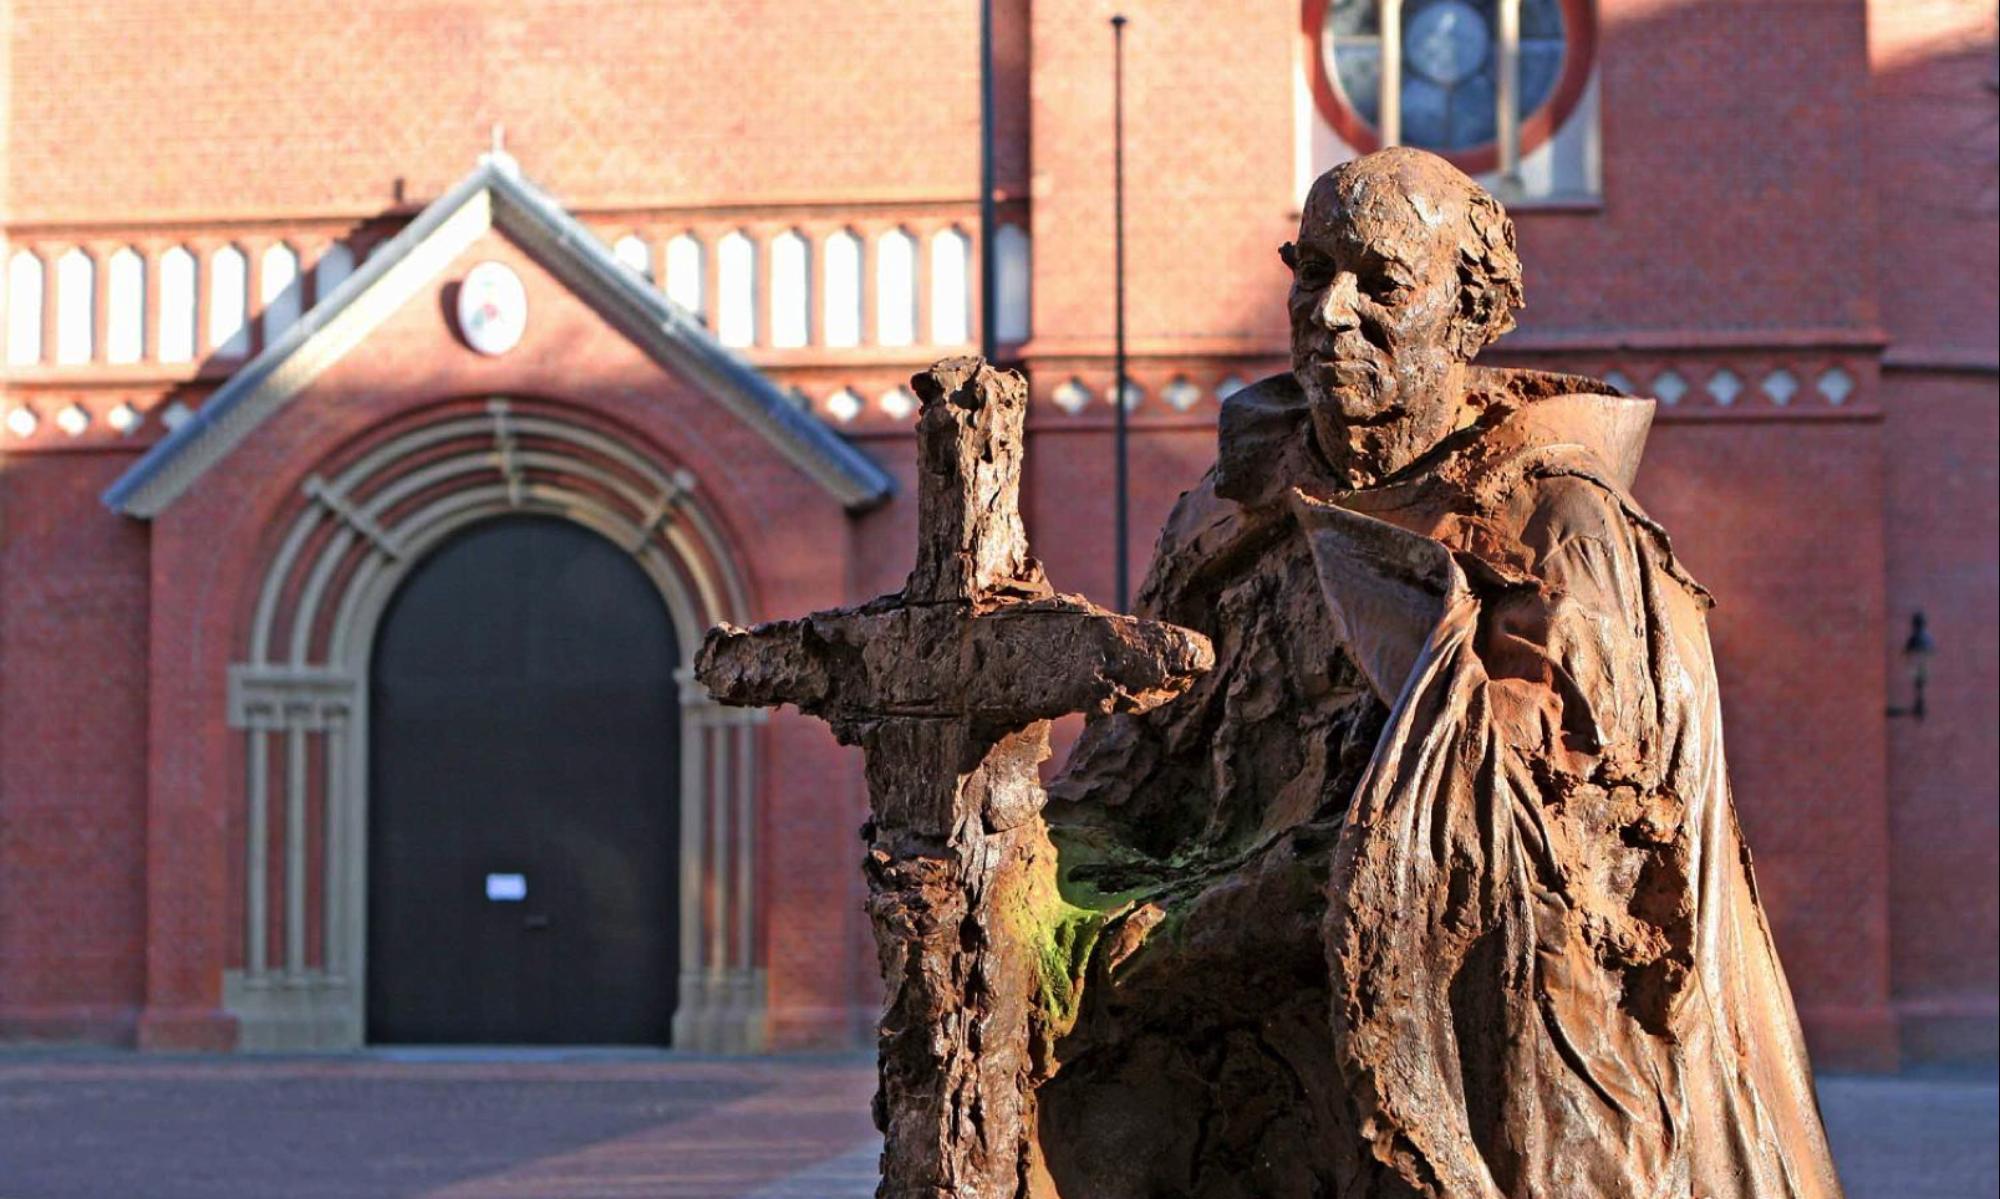 45. St. Ansgar-Woche der katholischen Kirche in Hamburg